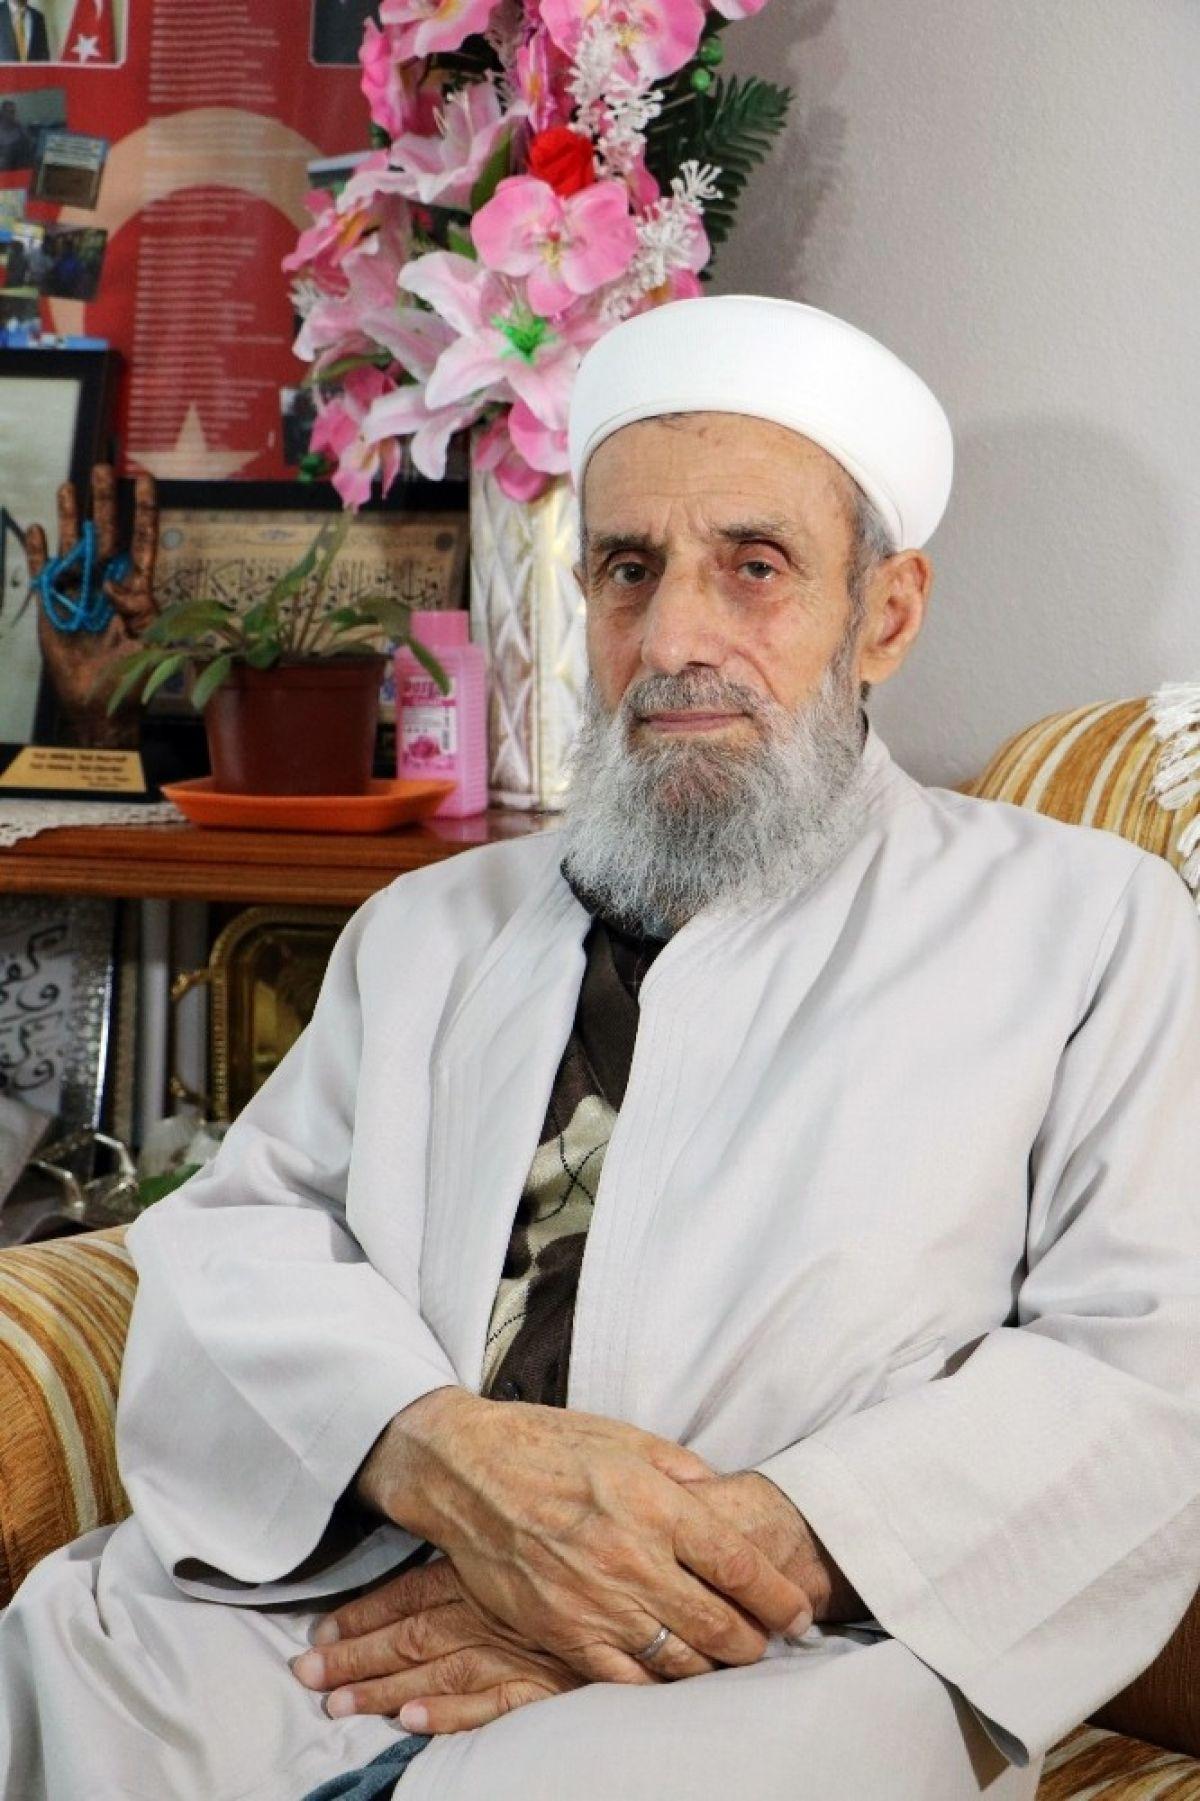 Şehit kaymakamın babasından Kılıçdaroğlu'na: Hastalığının farkında değil #4